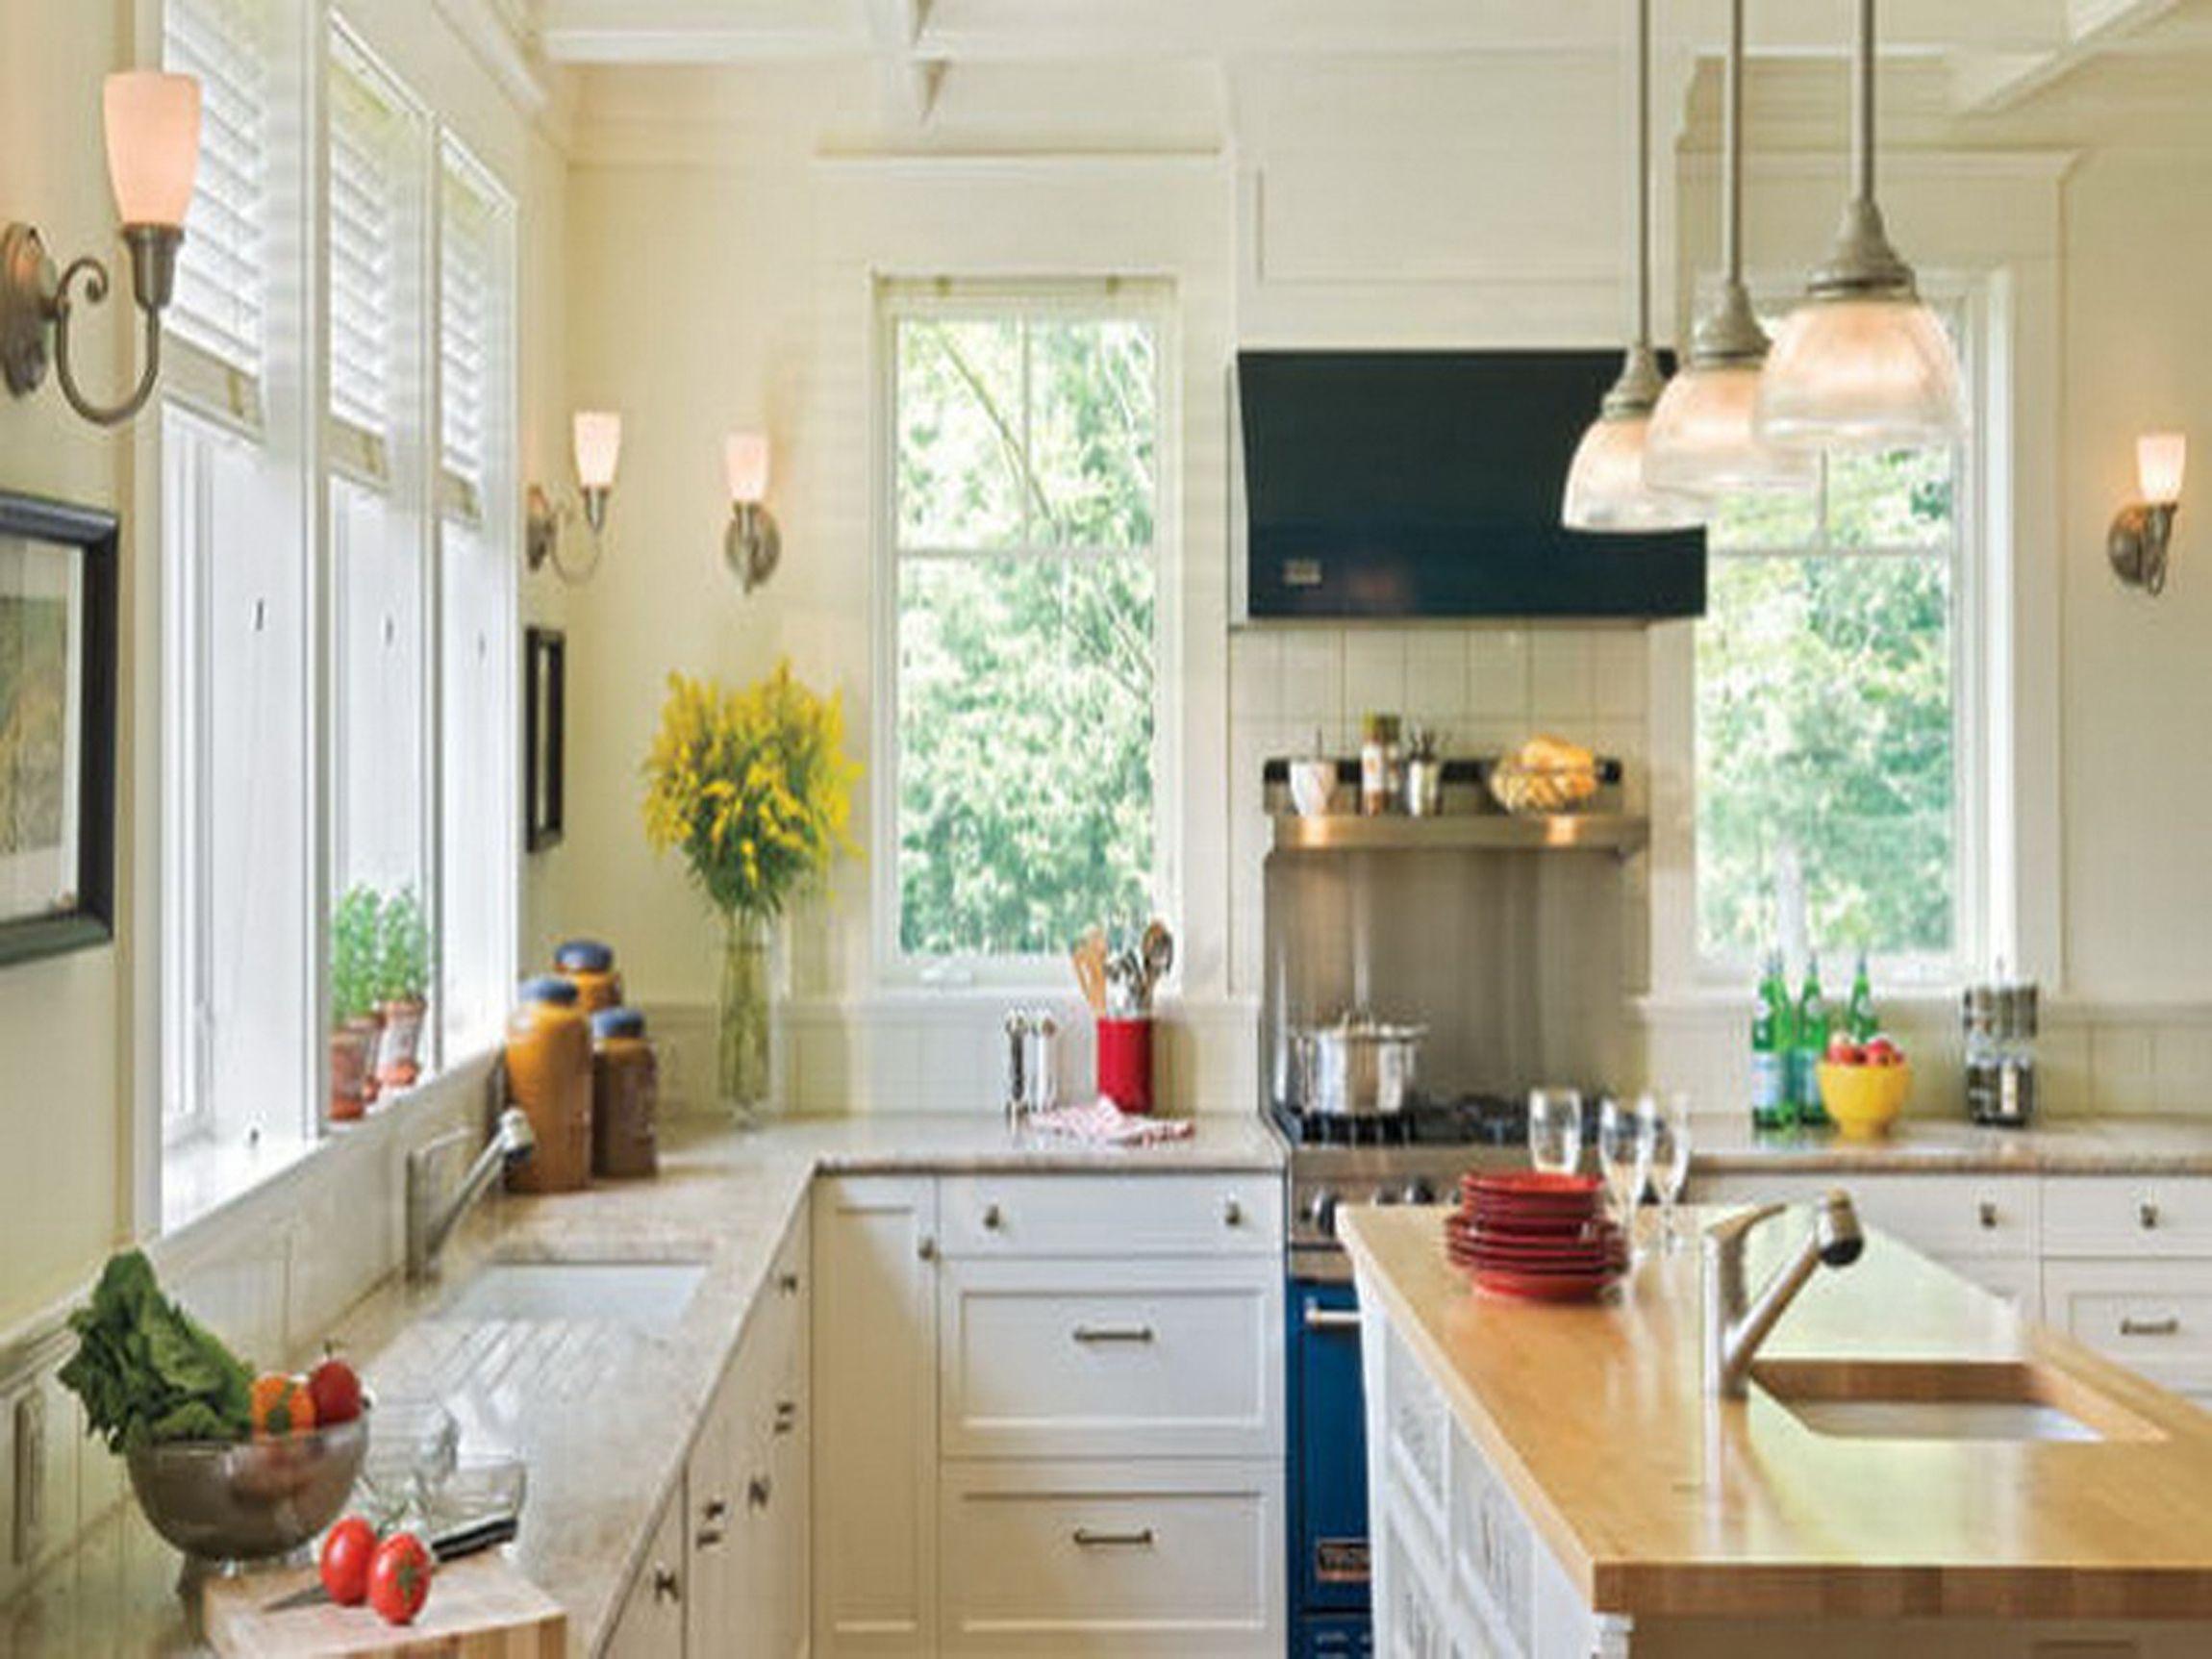 Moderne Küche Farbschemata Küchen Möchten Sie erstellen eine moderne ...